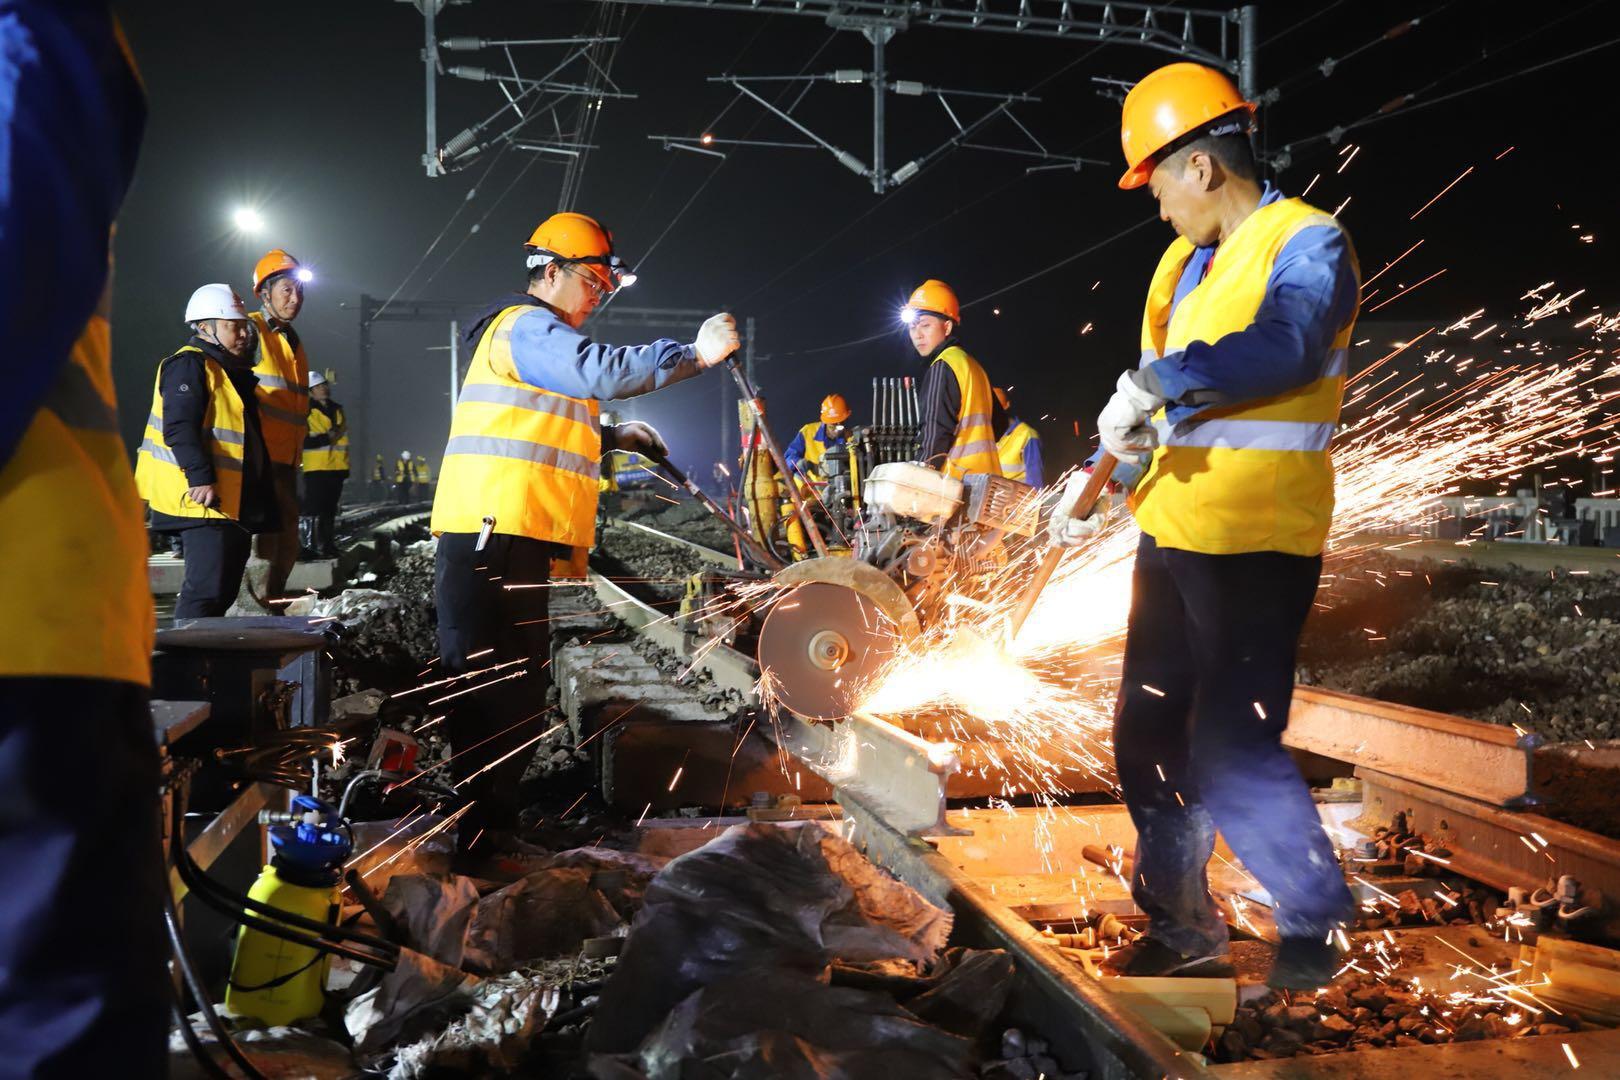 500余名施工人员连续奋战280分钟,沪昆线嘉兴站上行线顺利完成拨接